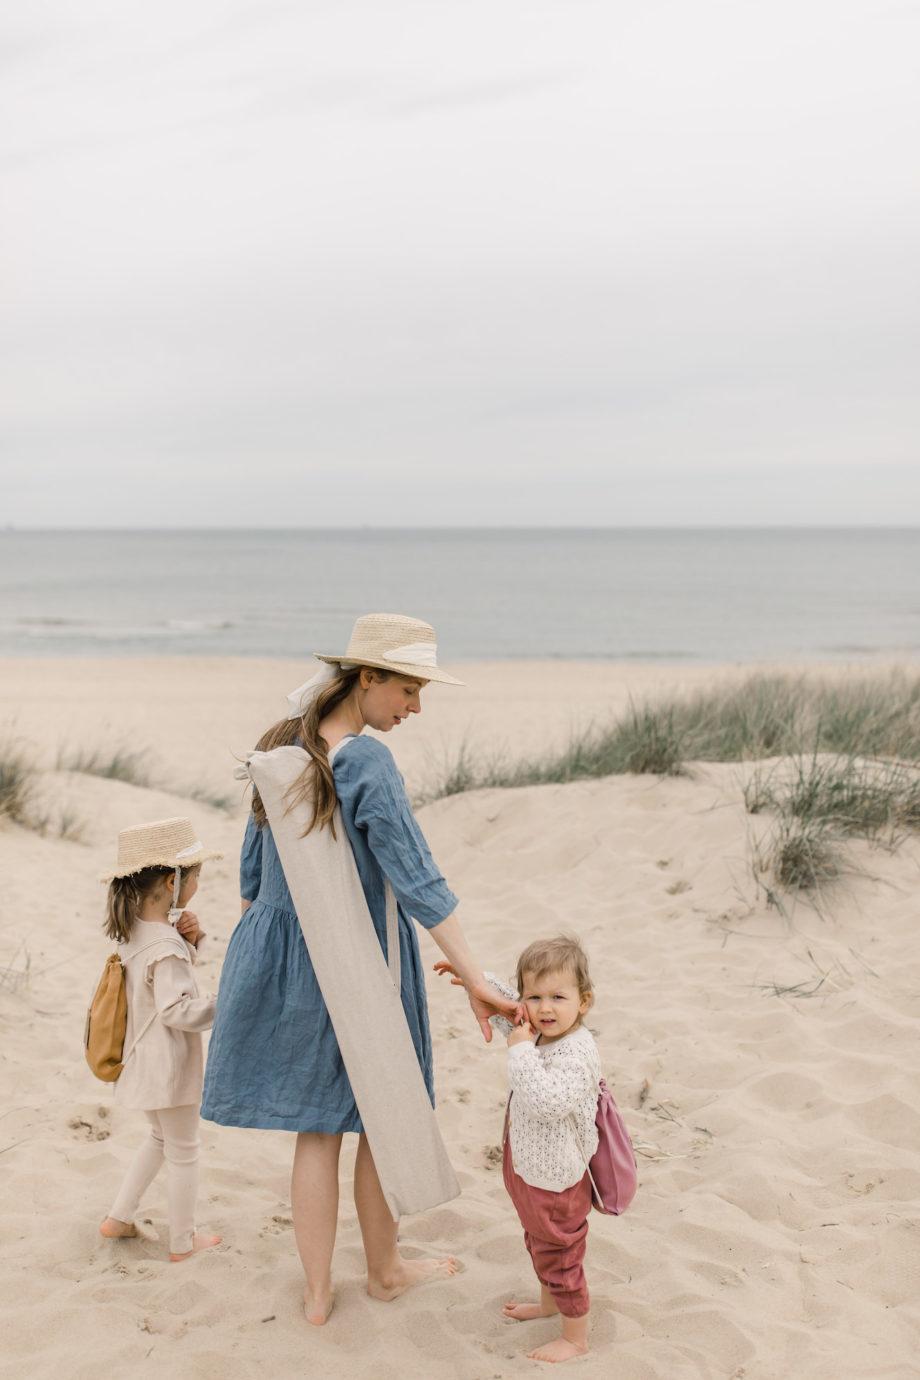 hiumastore, linen beach windbreak